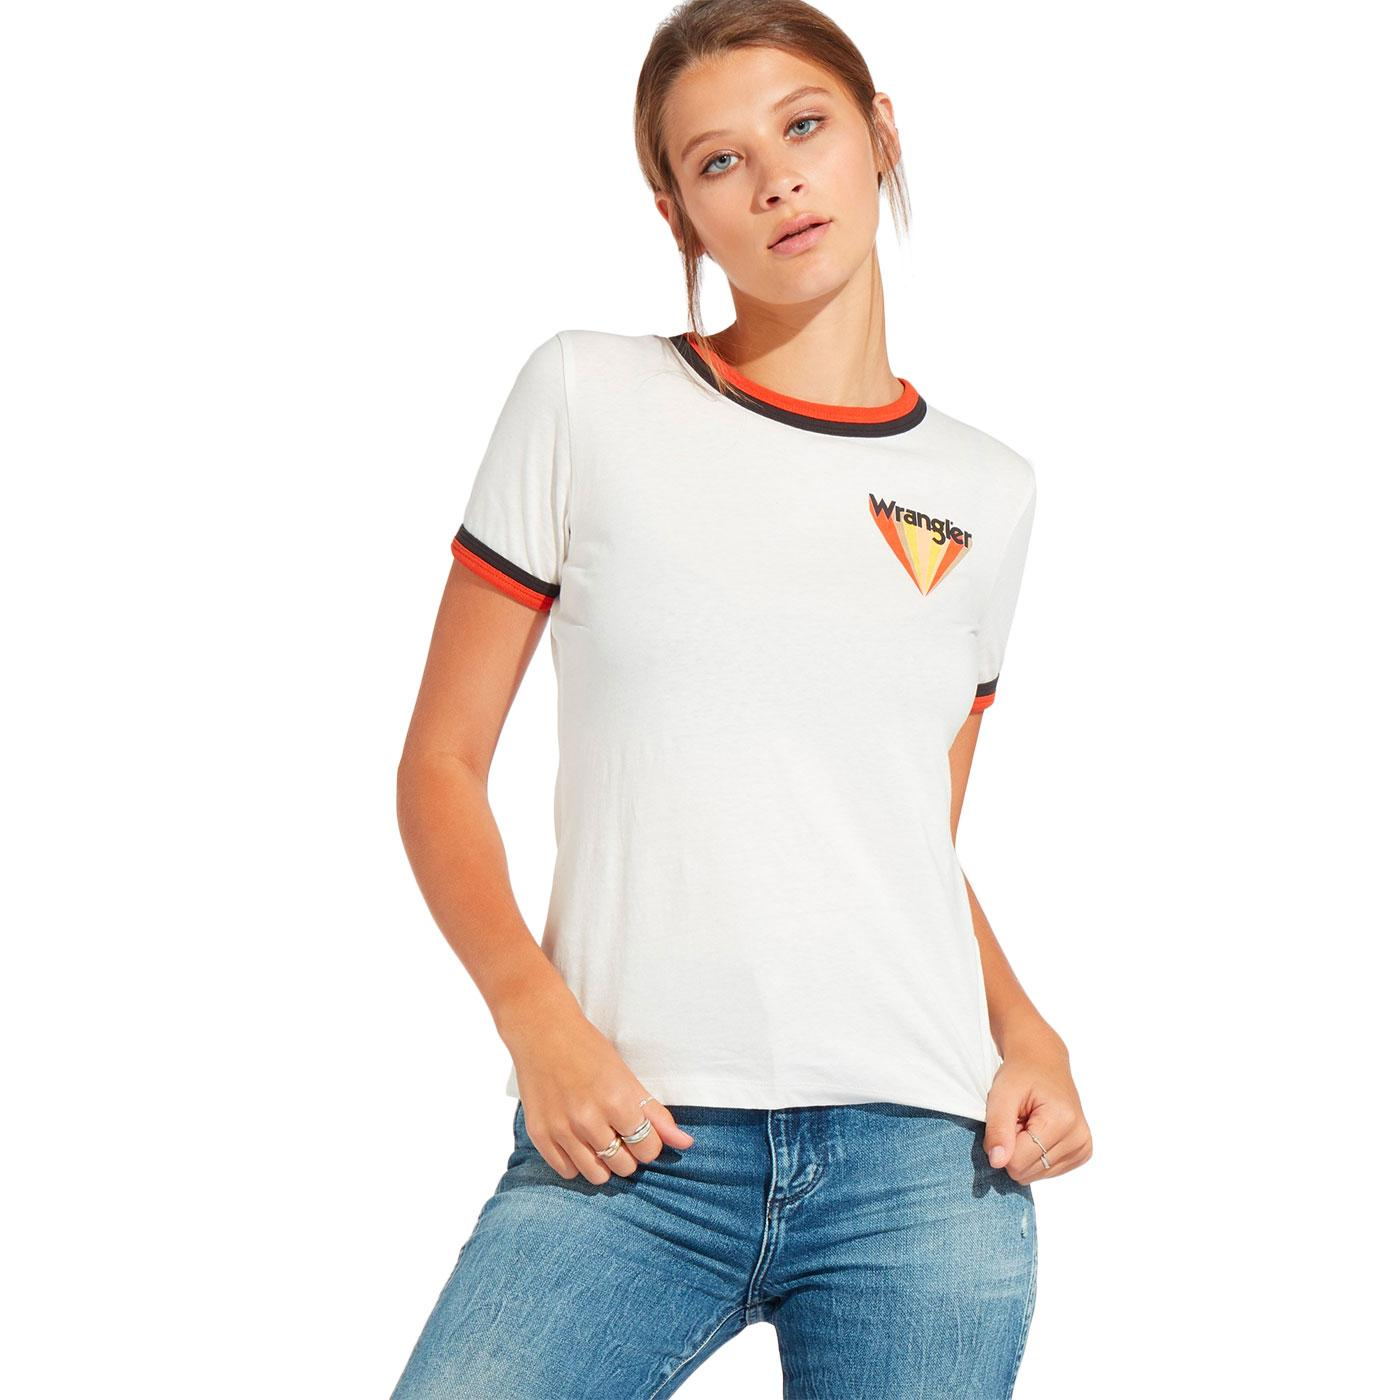 WRANGLER Women's Retro Sunburst Logo Ringer Tee